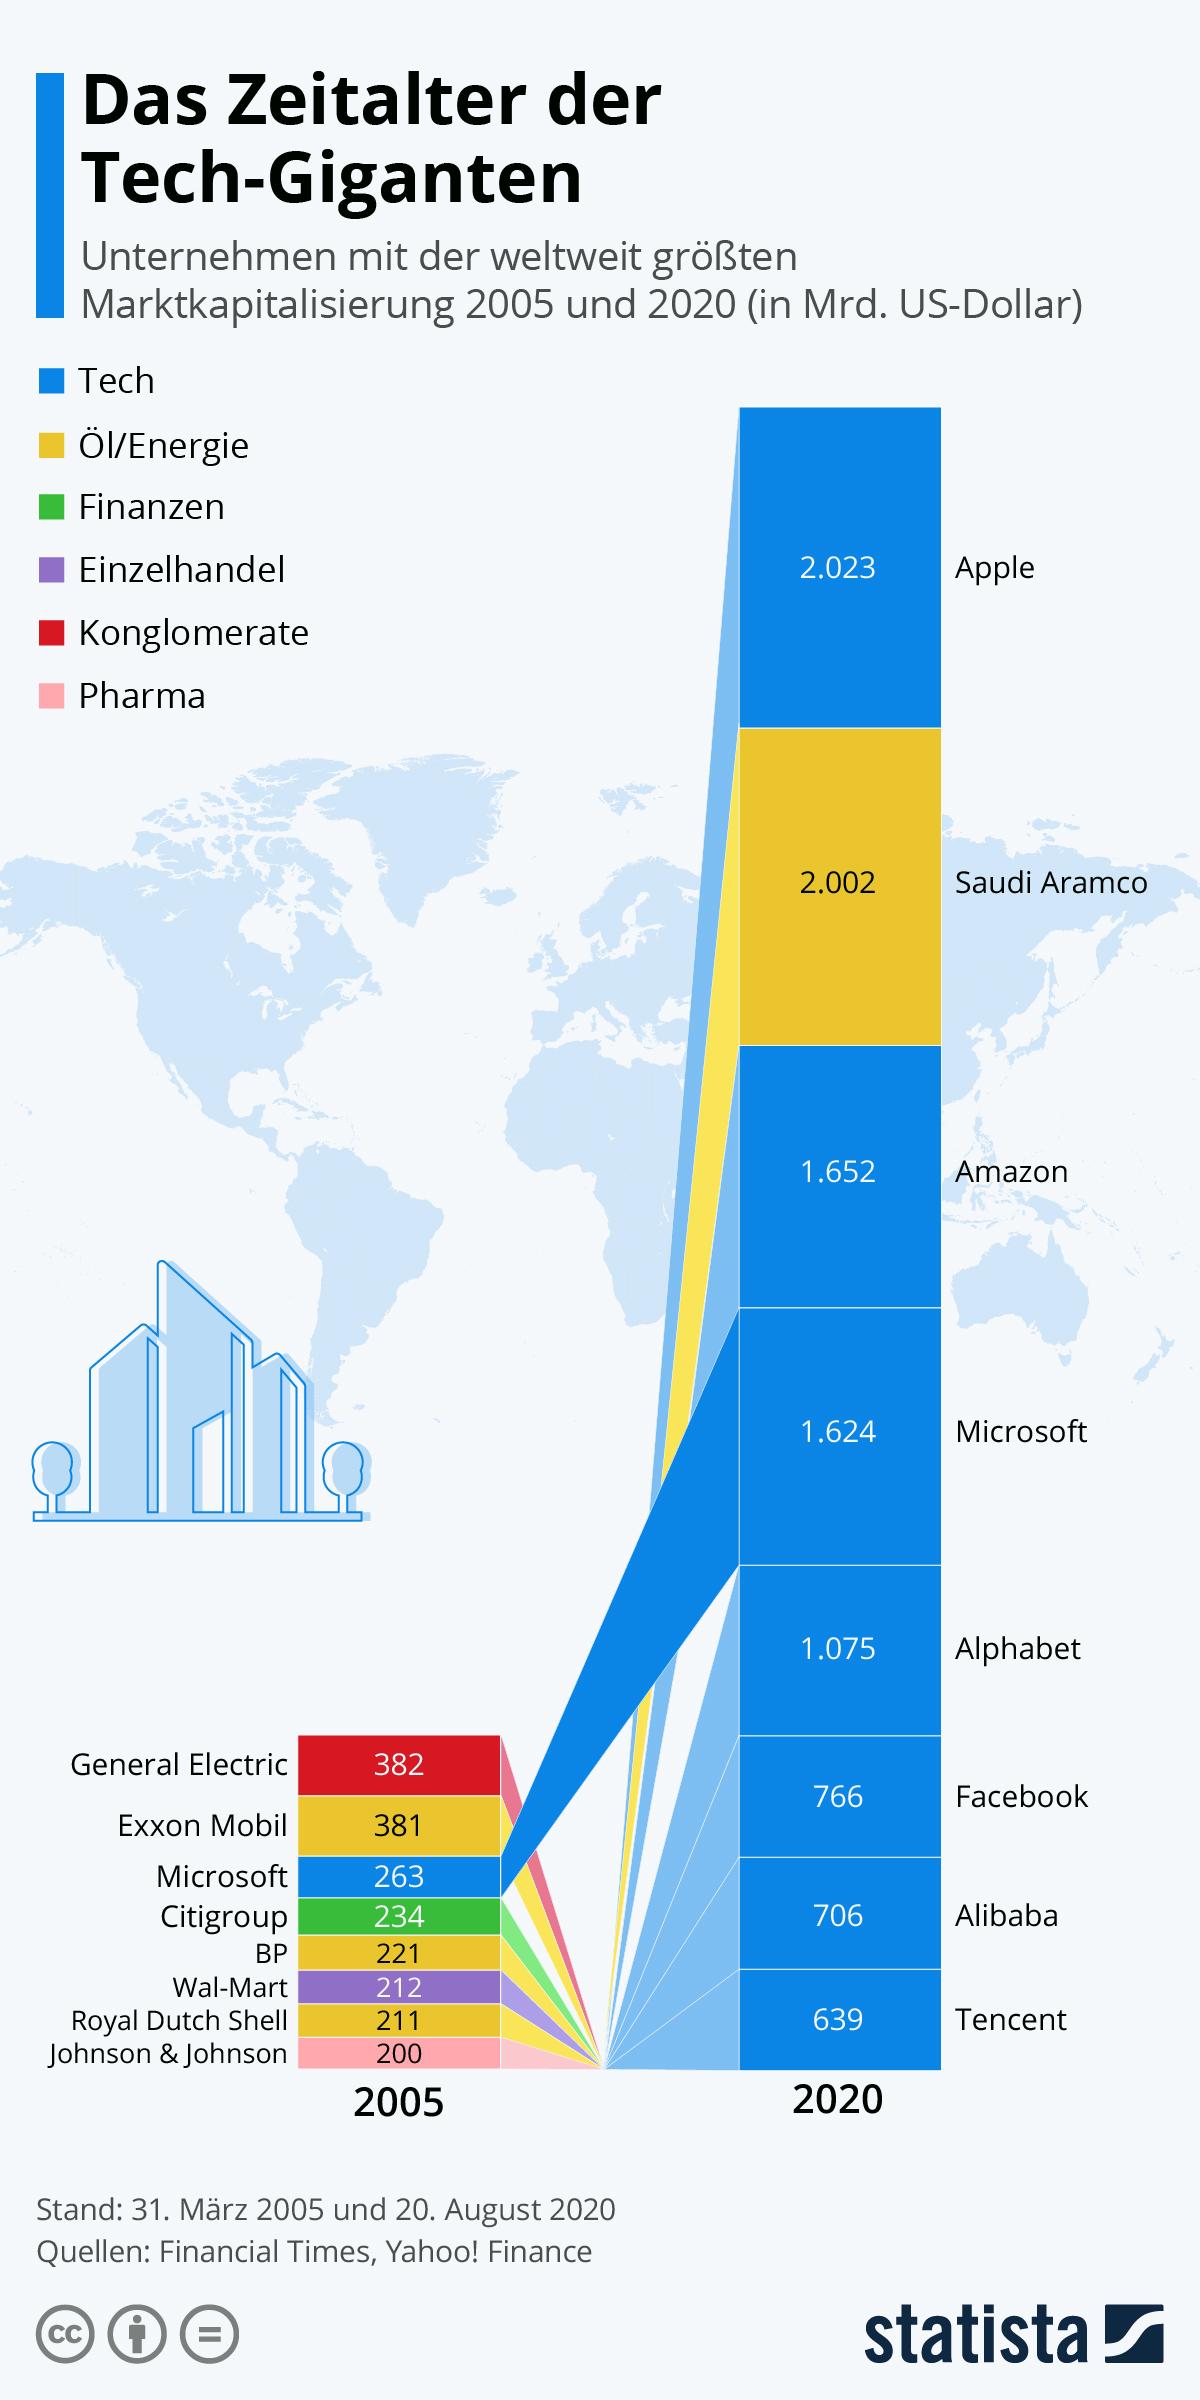 Infografik: Das Zeitalter der Tech-Giganten | Statista